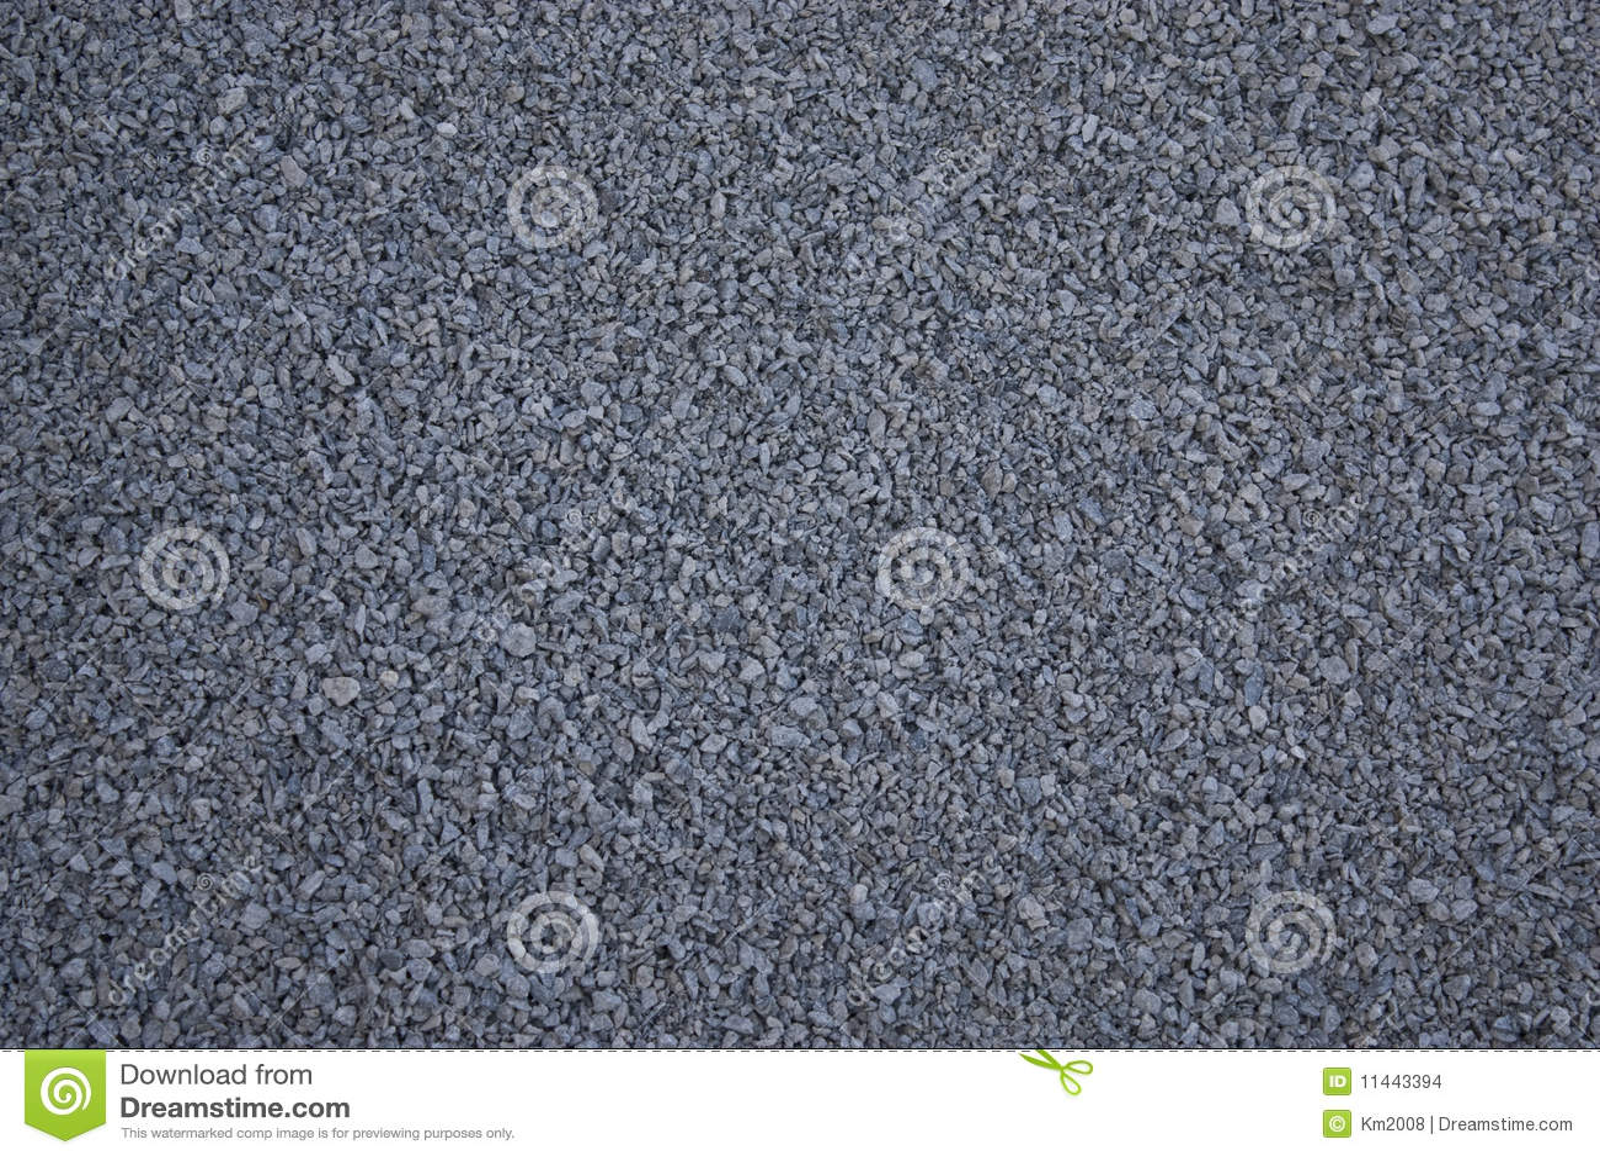 kleine kies steine stockfoto bild von kiesel hart stra e 11443394. Black Bedroom Furniture Sets. Home Design Ideas